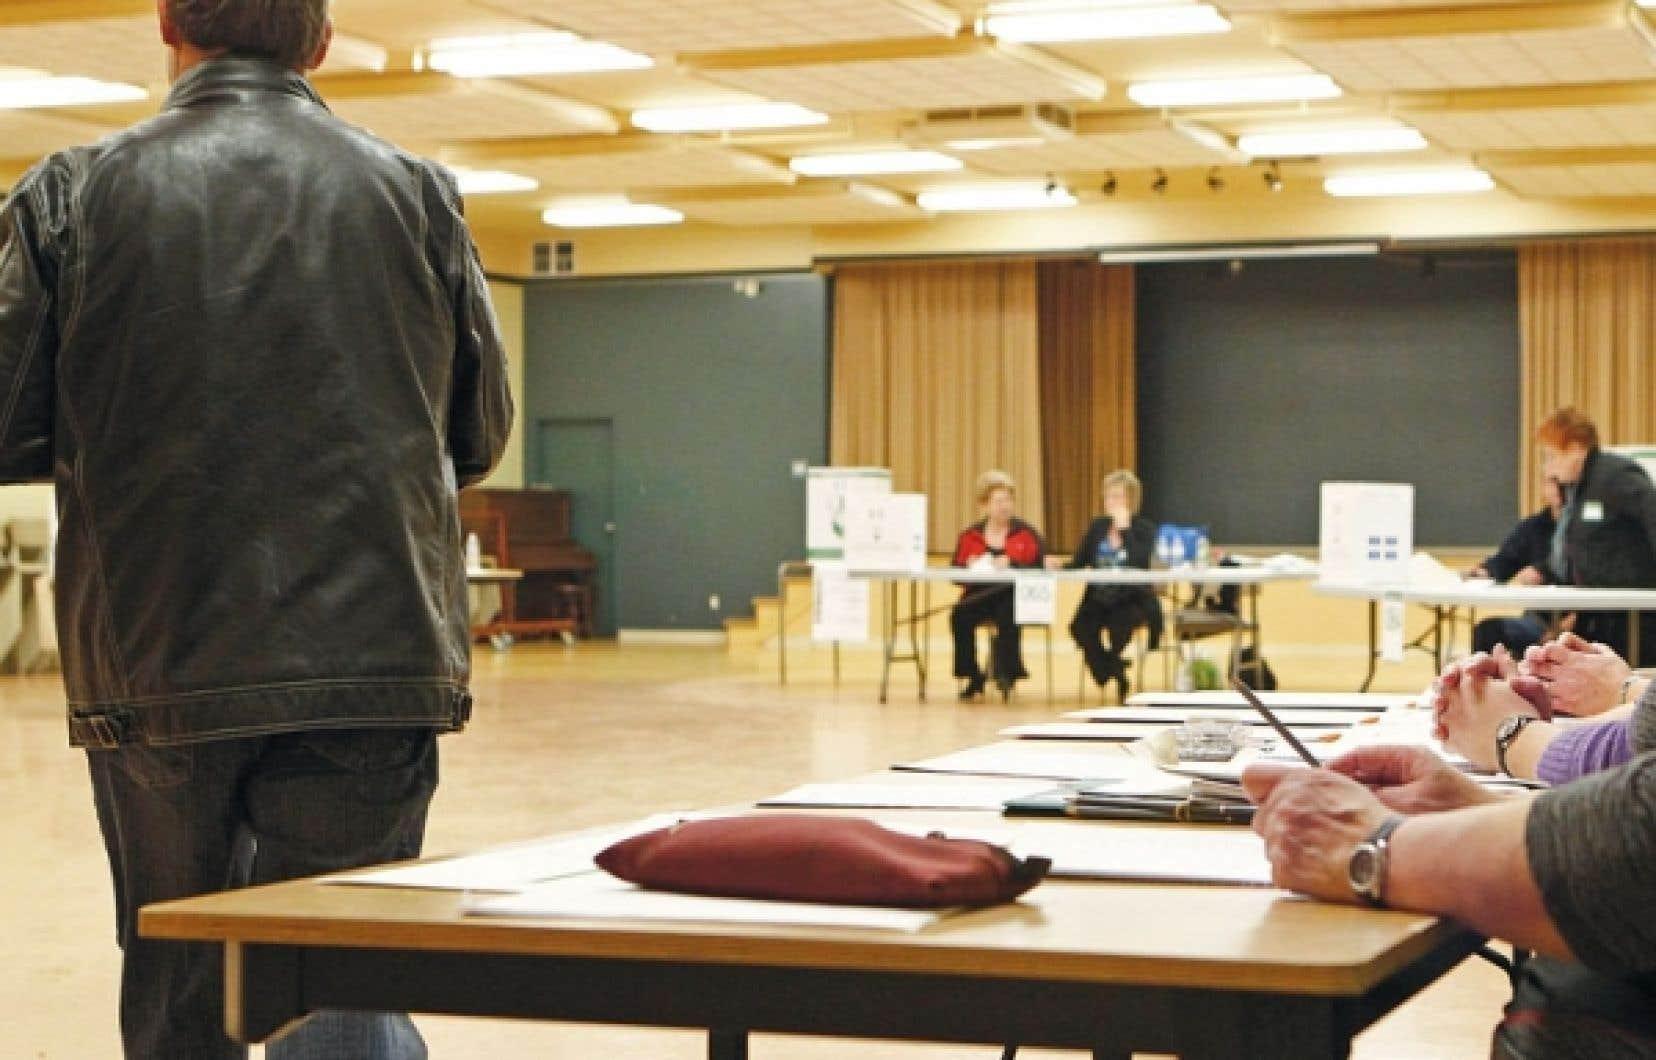 Vingt et une formations politiques ont été dûment autorisées par le Directeur général des élections du Québec pour apparaître sur les bulletins de vote en vue du prochain scrutin.